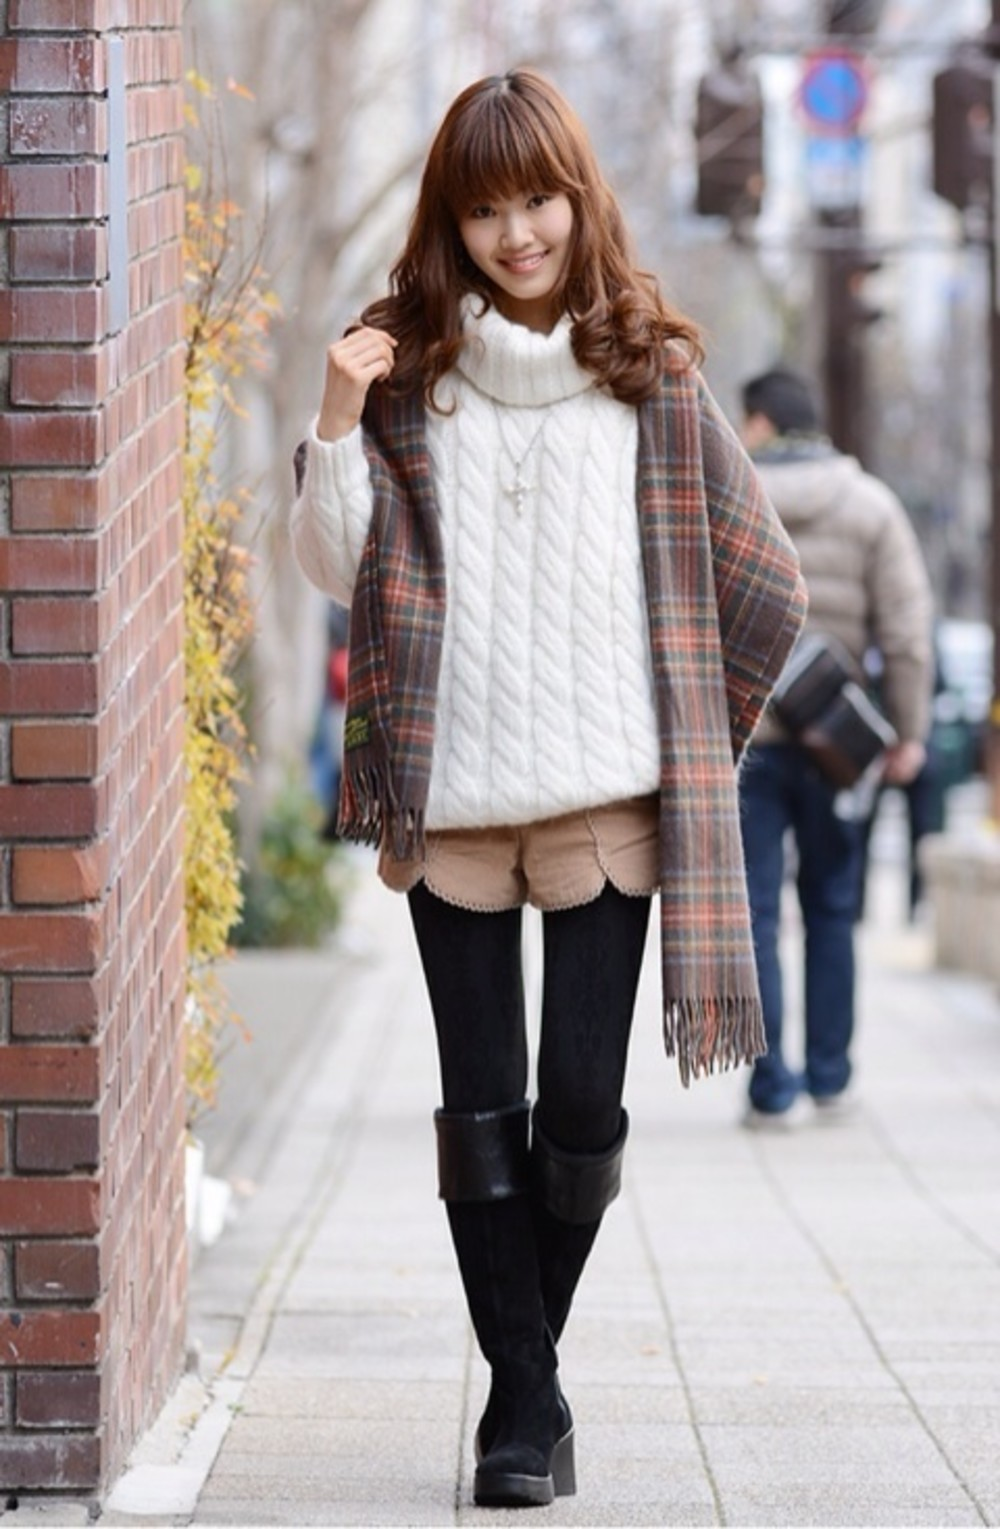 クリスマスデートの服装(女性)人気おすすめ特集!画像あり!のサムネイル画像